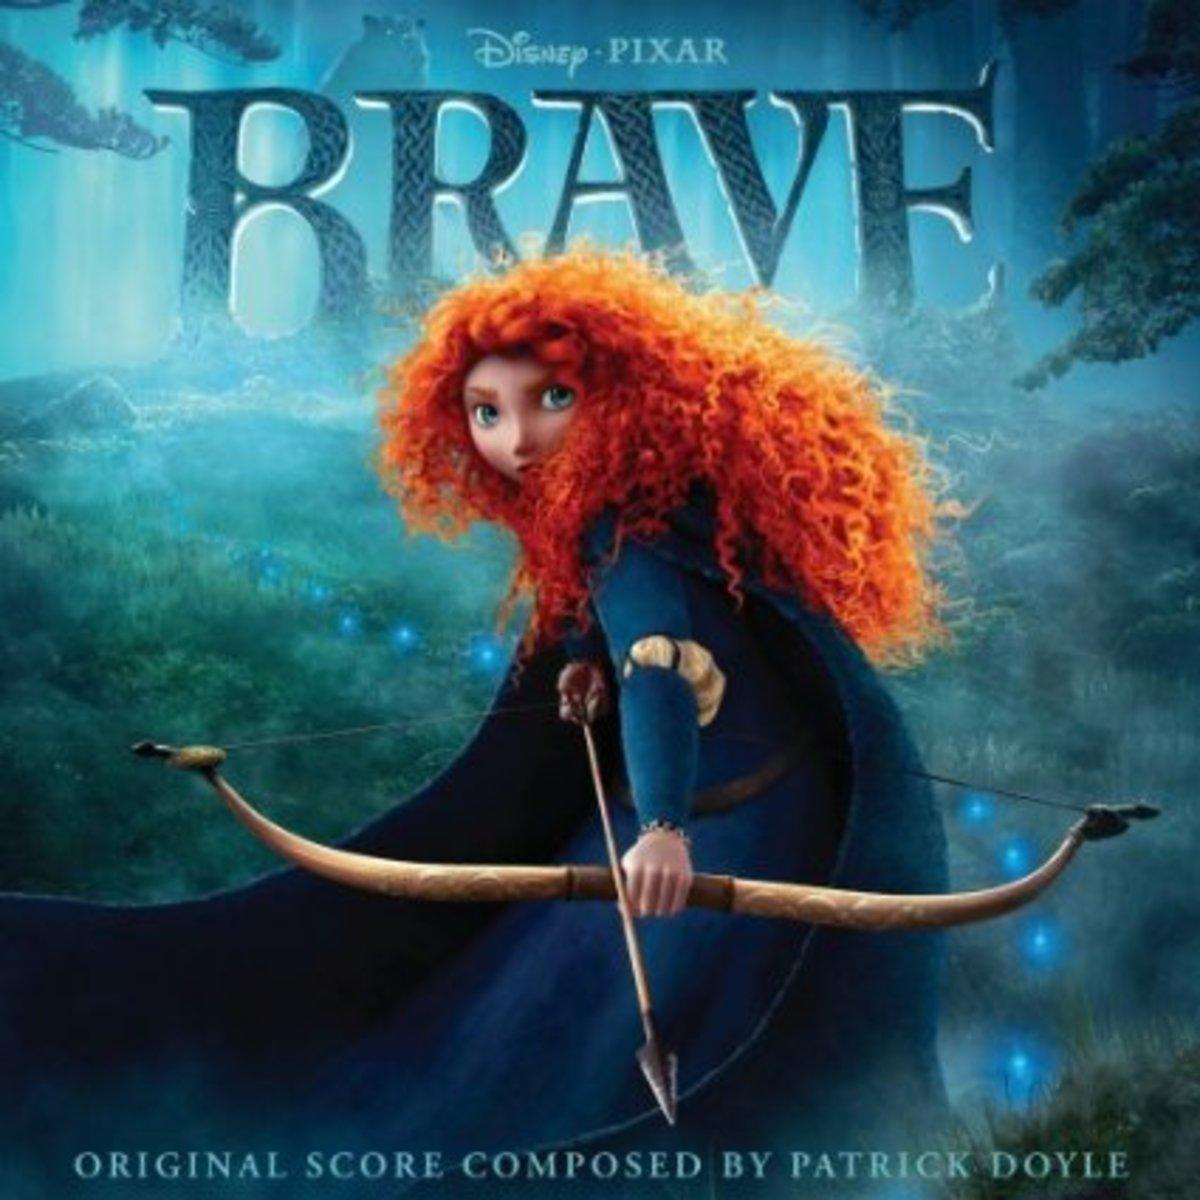 Brave Score and Soundtrack